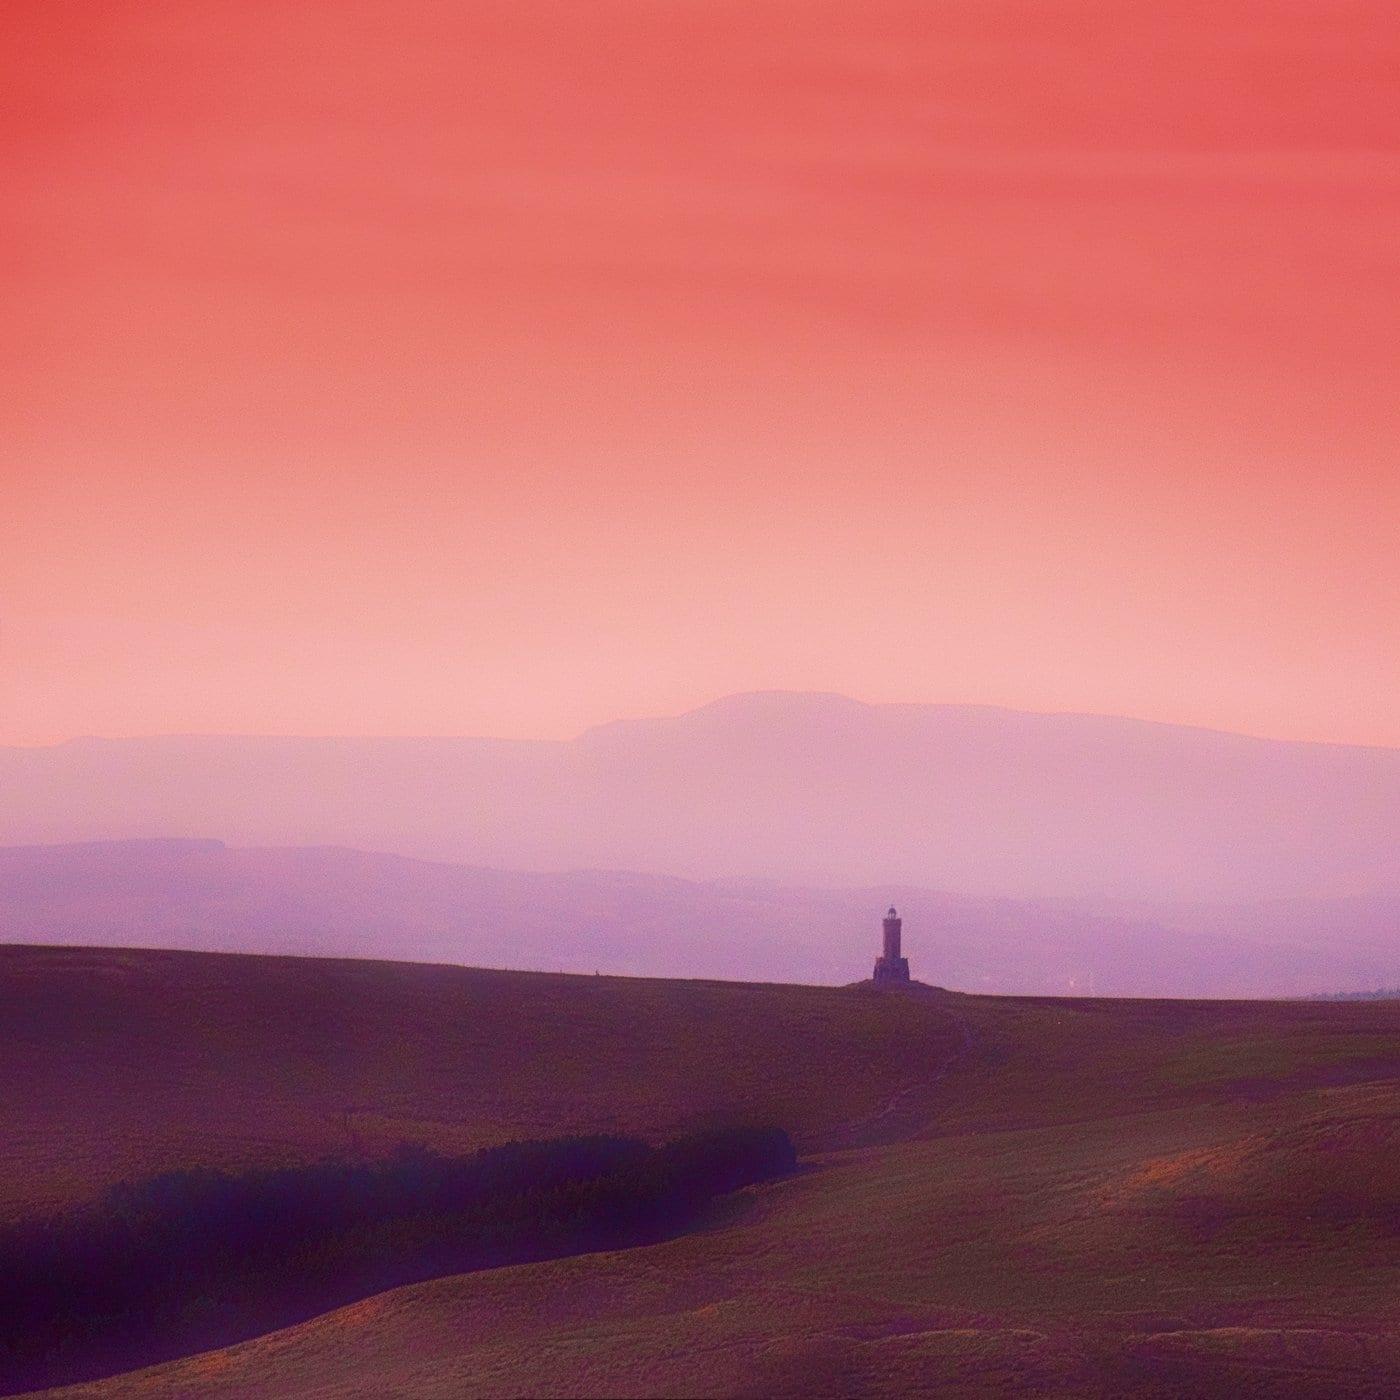 'Darwen Tower' by David Ruaux